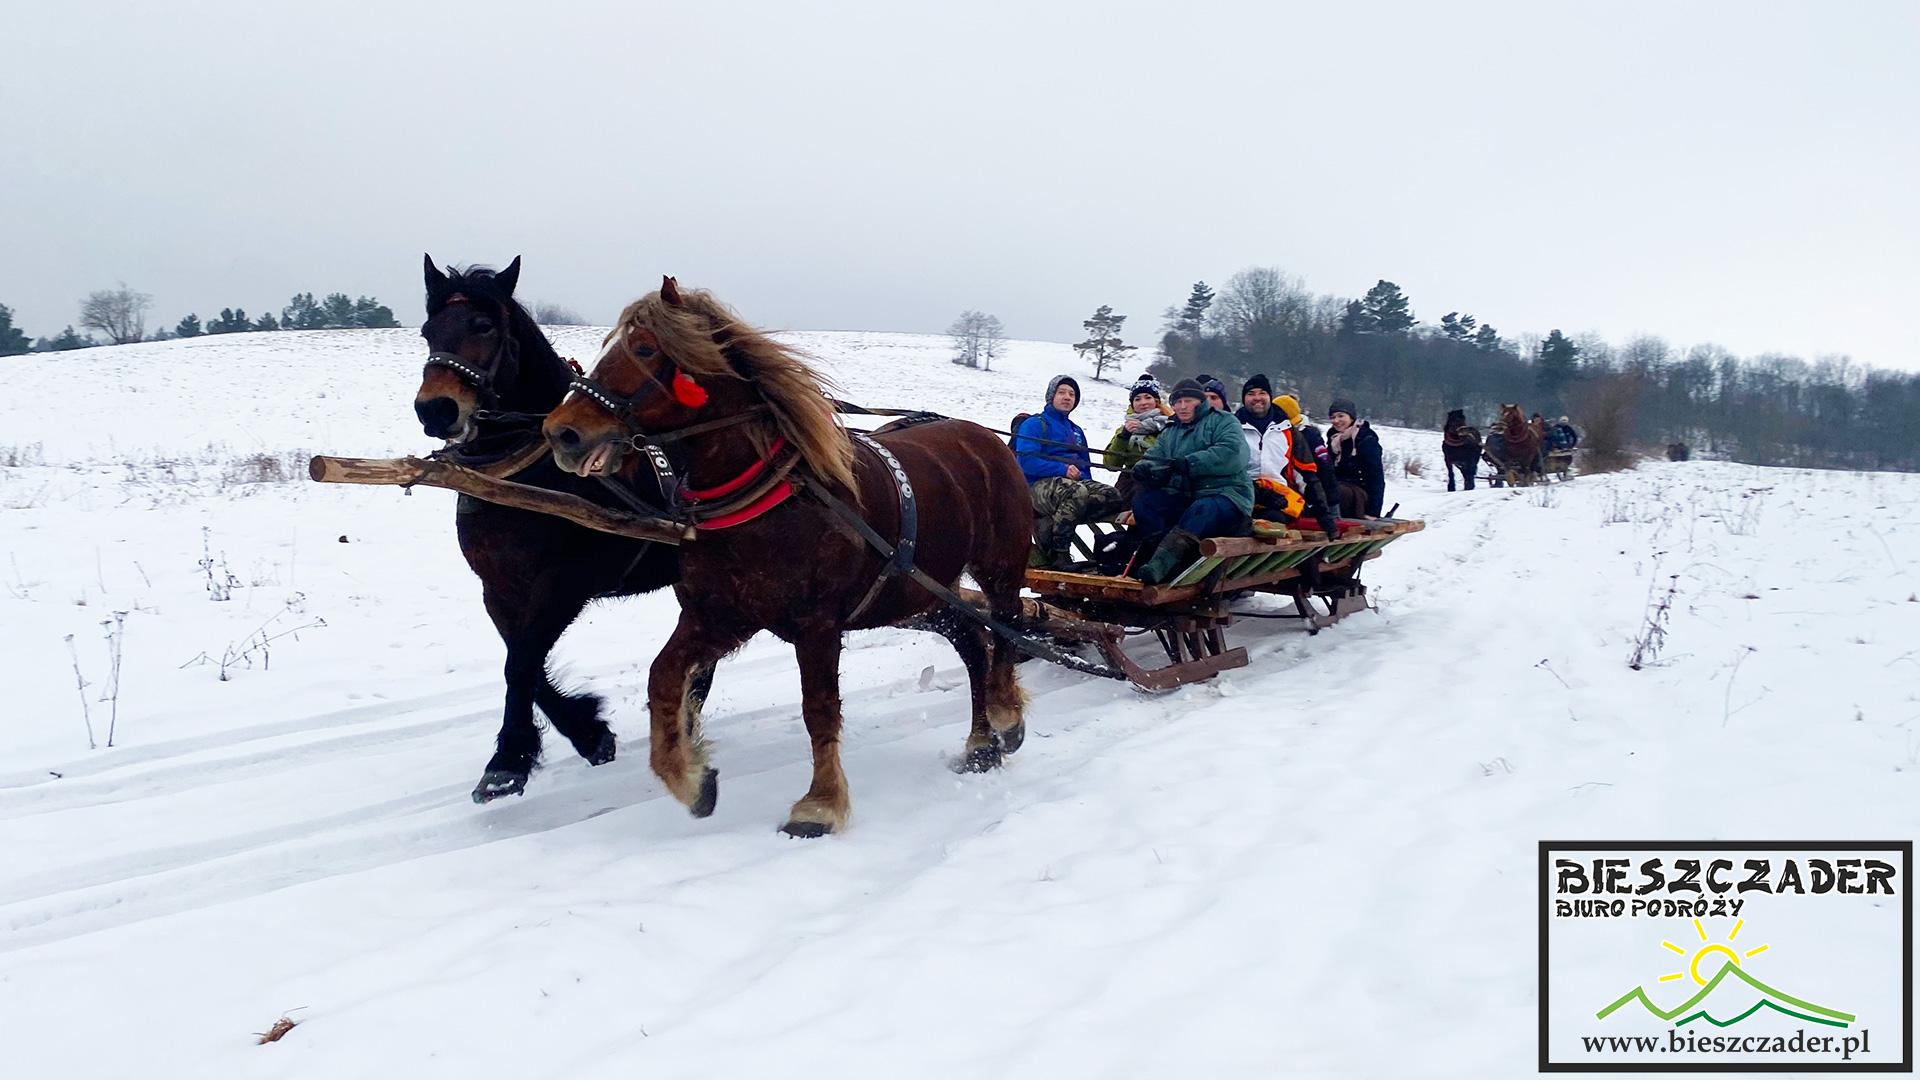 Kulig z końmi na najdłuższej i najbardziej widokowej trasie w Bieszczadach - to obowiązkowa i najlepsza atrakcja turystyczna zimą w Województwie Podkarpackim.